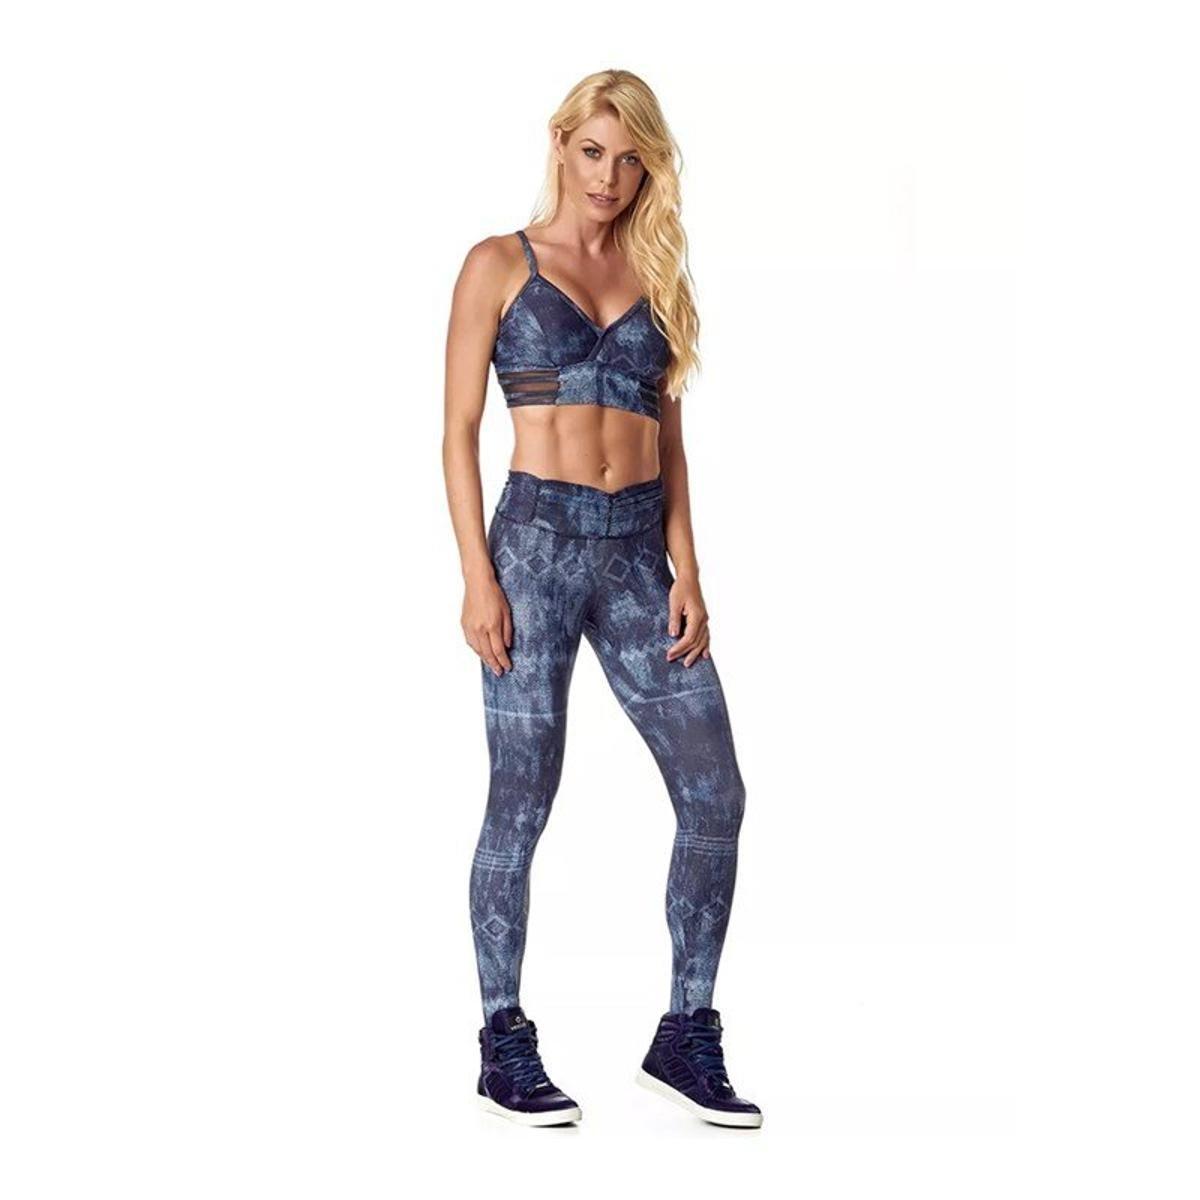 Fuso Azul e 11 Marinho Legging Frufru Vestem Cós Calça 5wqf1cYw